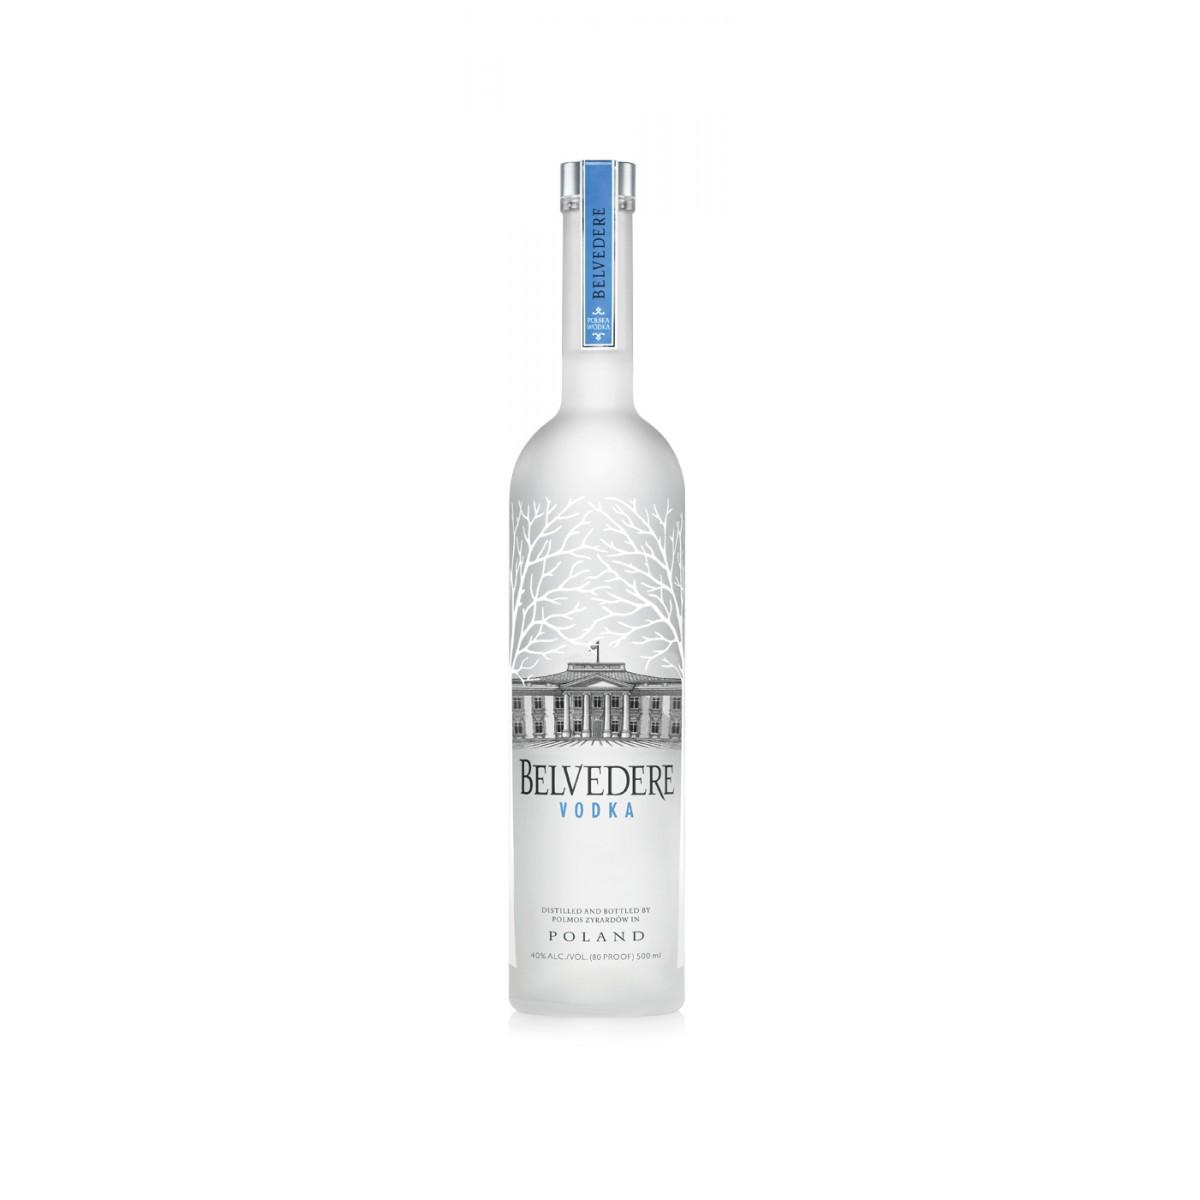 Belvedere Vodka 0,5ltr